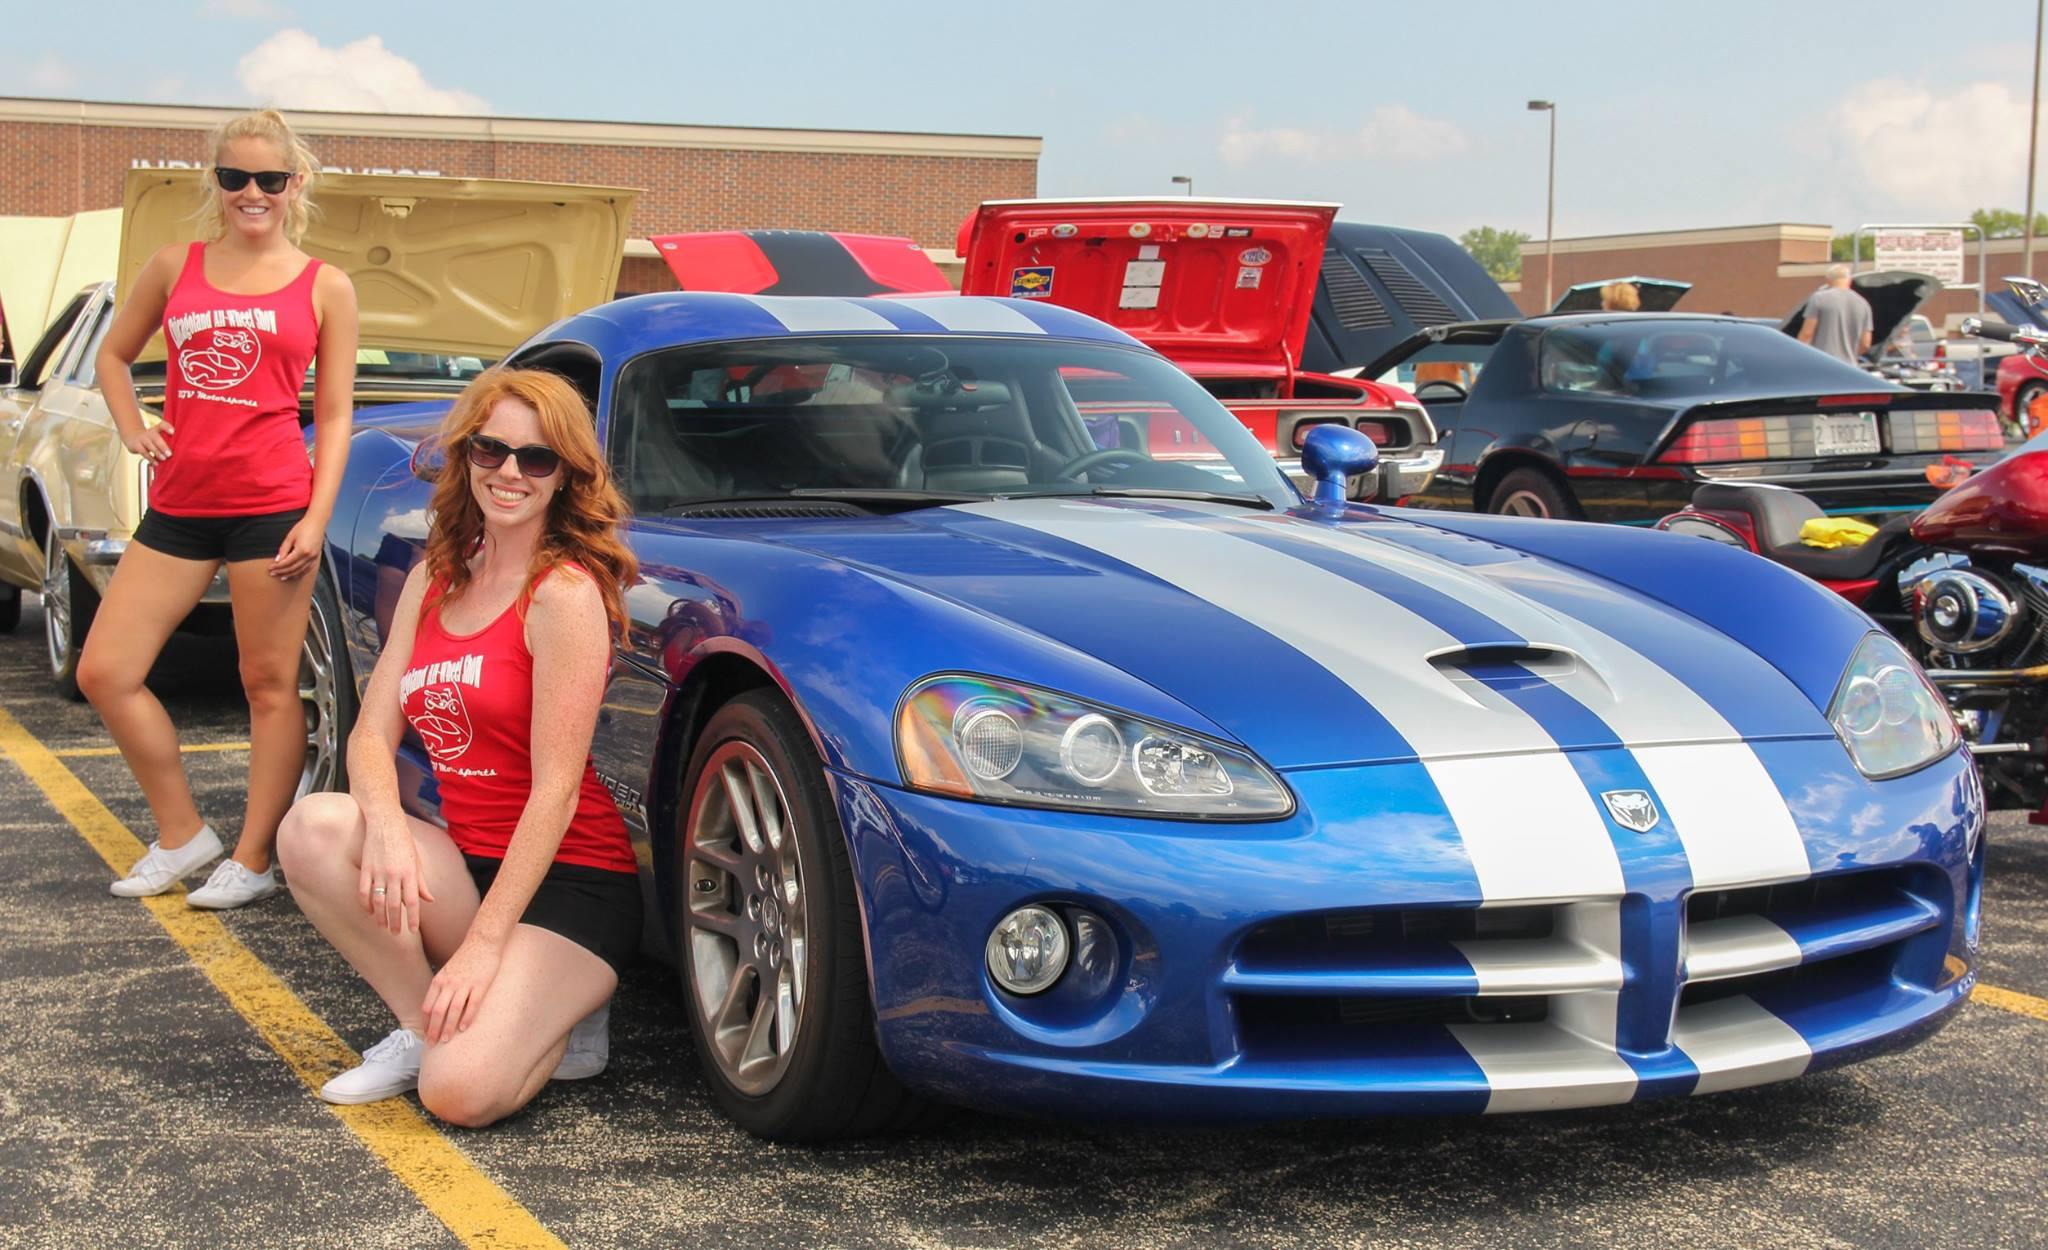 Hot Honey at BGV Motorsports